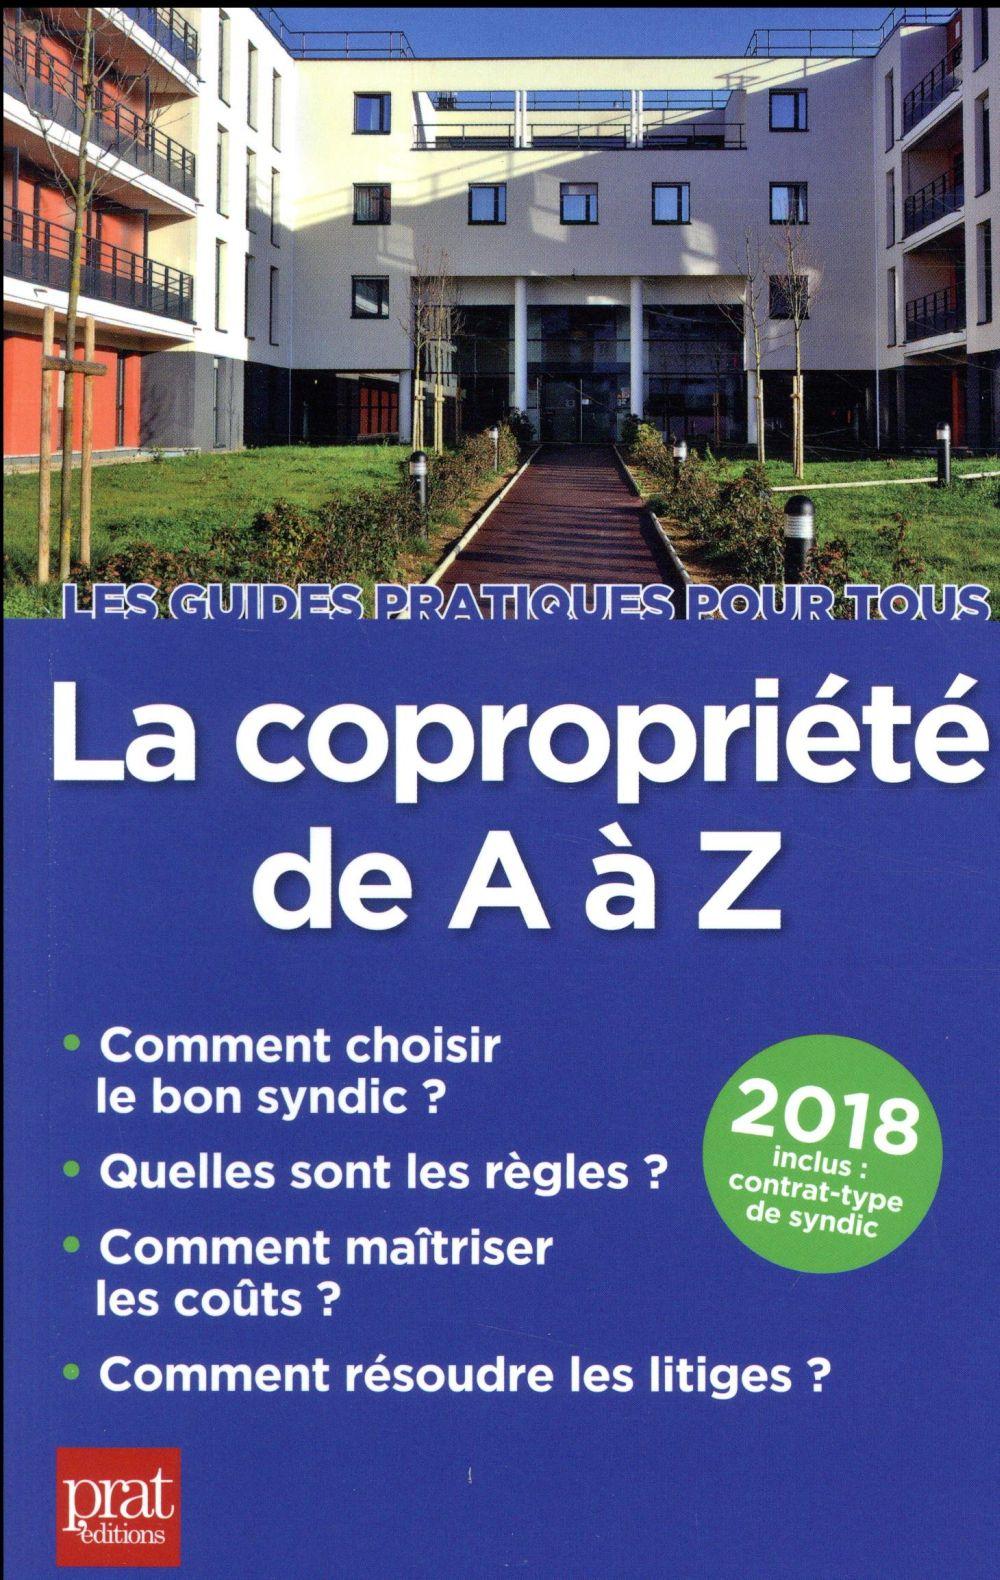 La copropriété de A à Z (édition 2018)